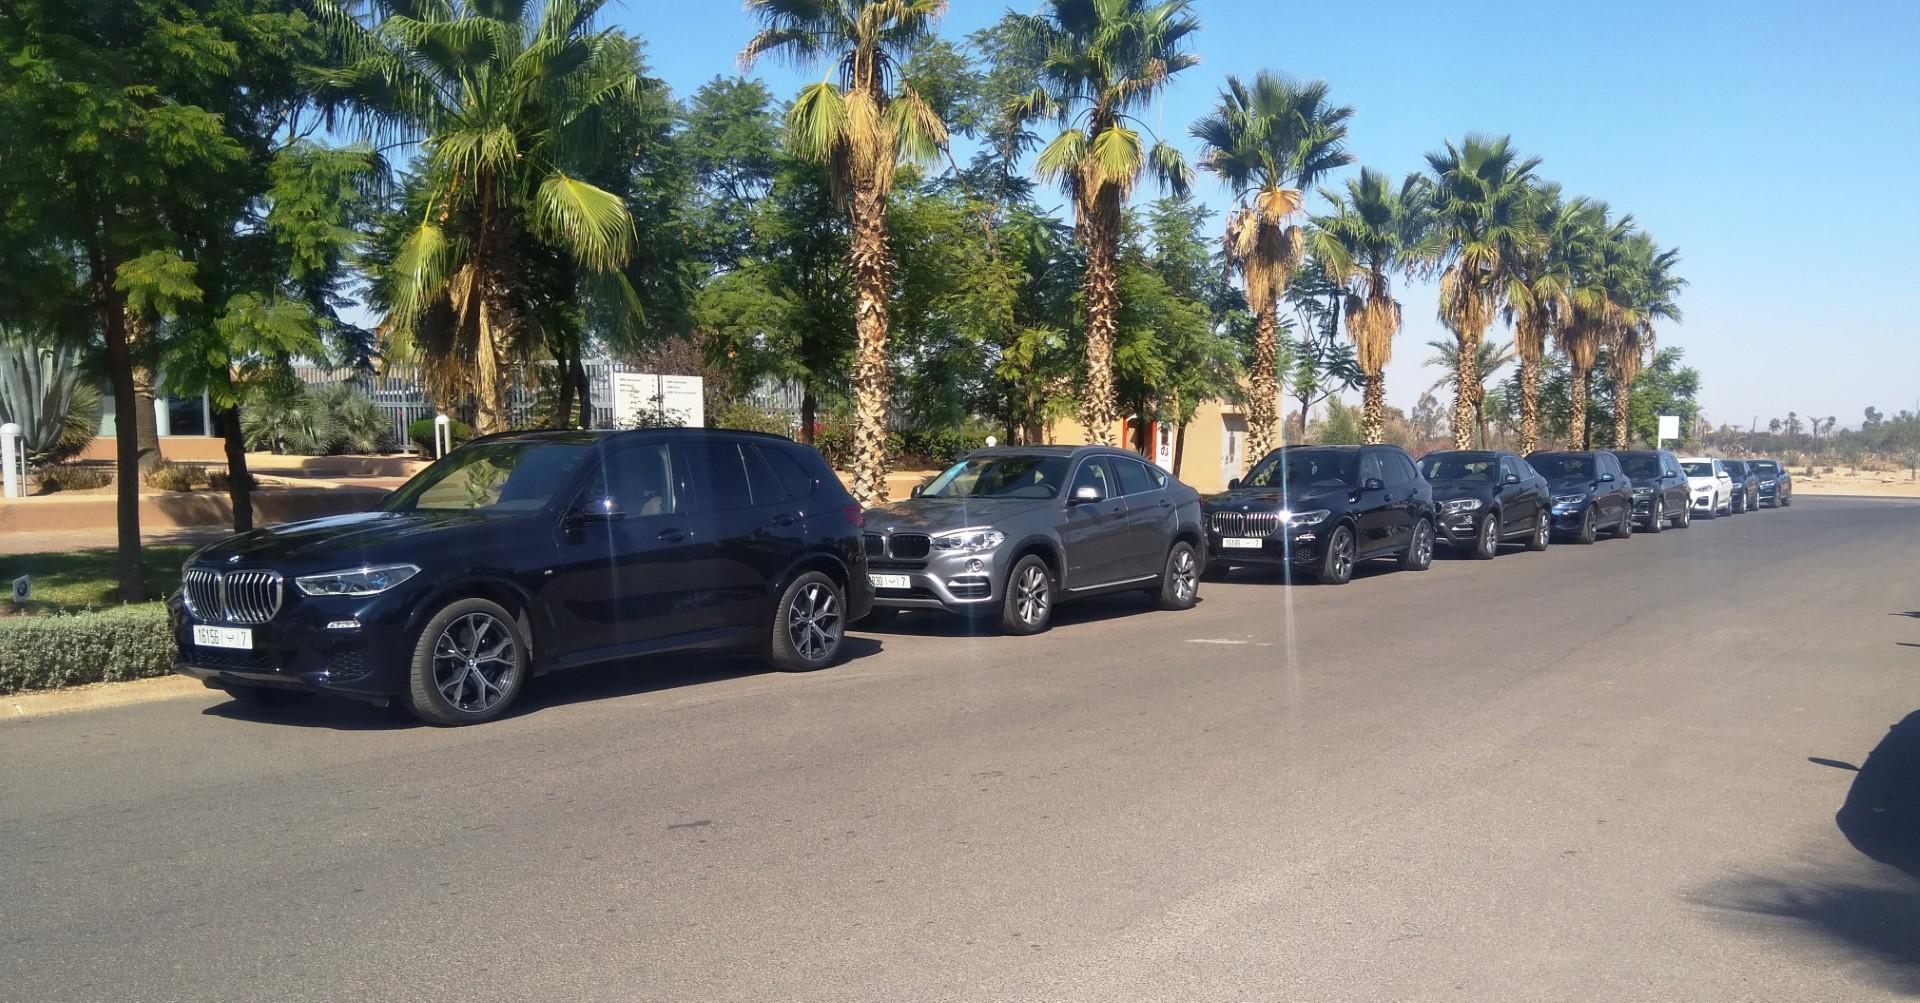 la-caravane-du-x-drive-bmw-1136-3.jpg